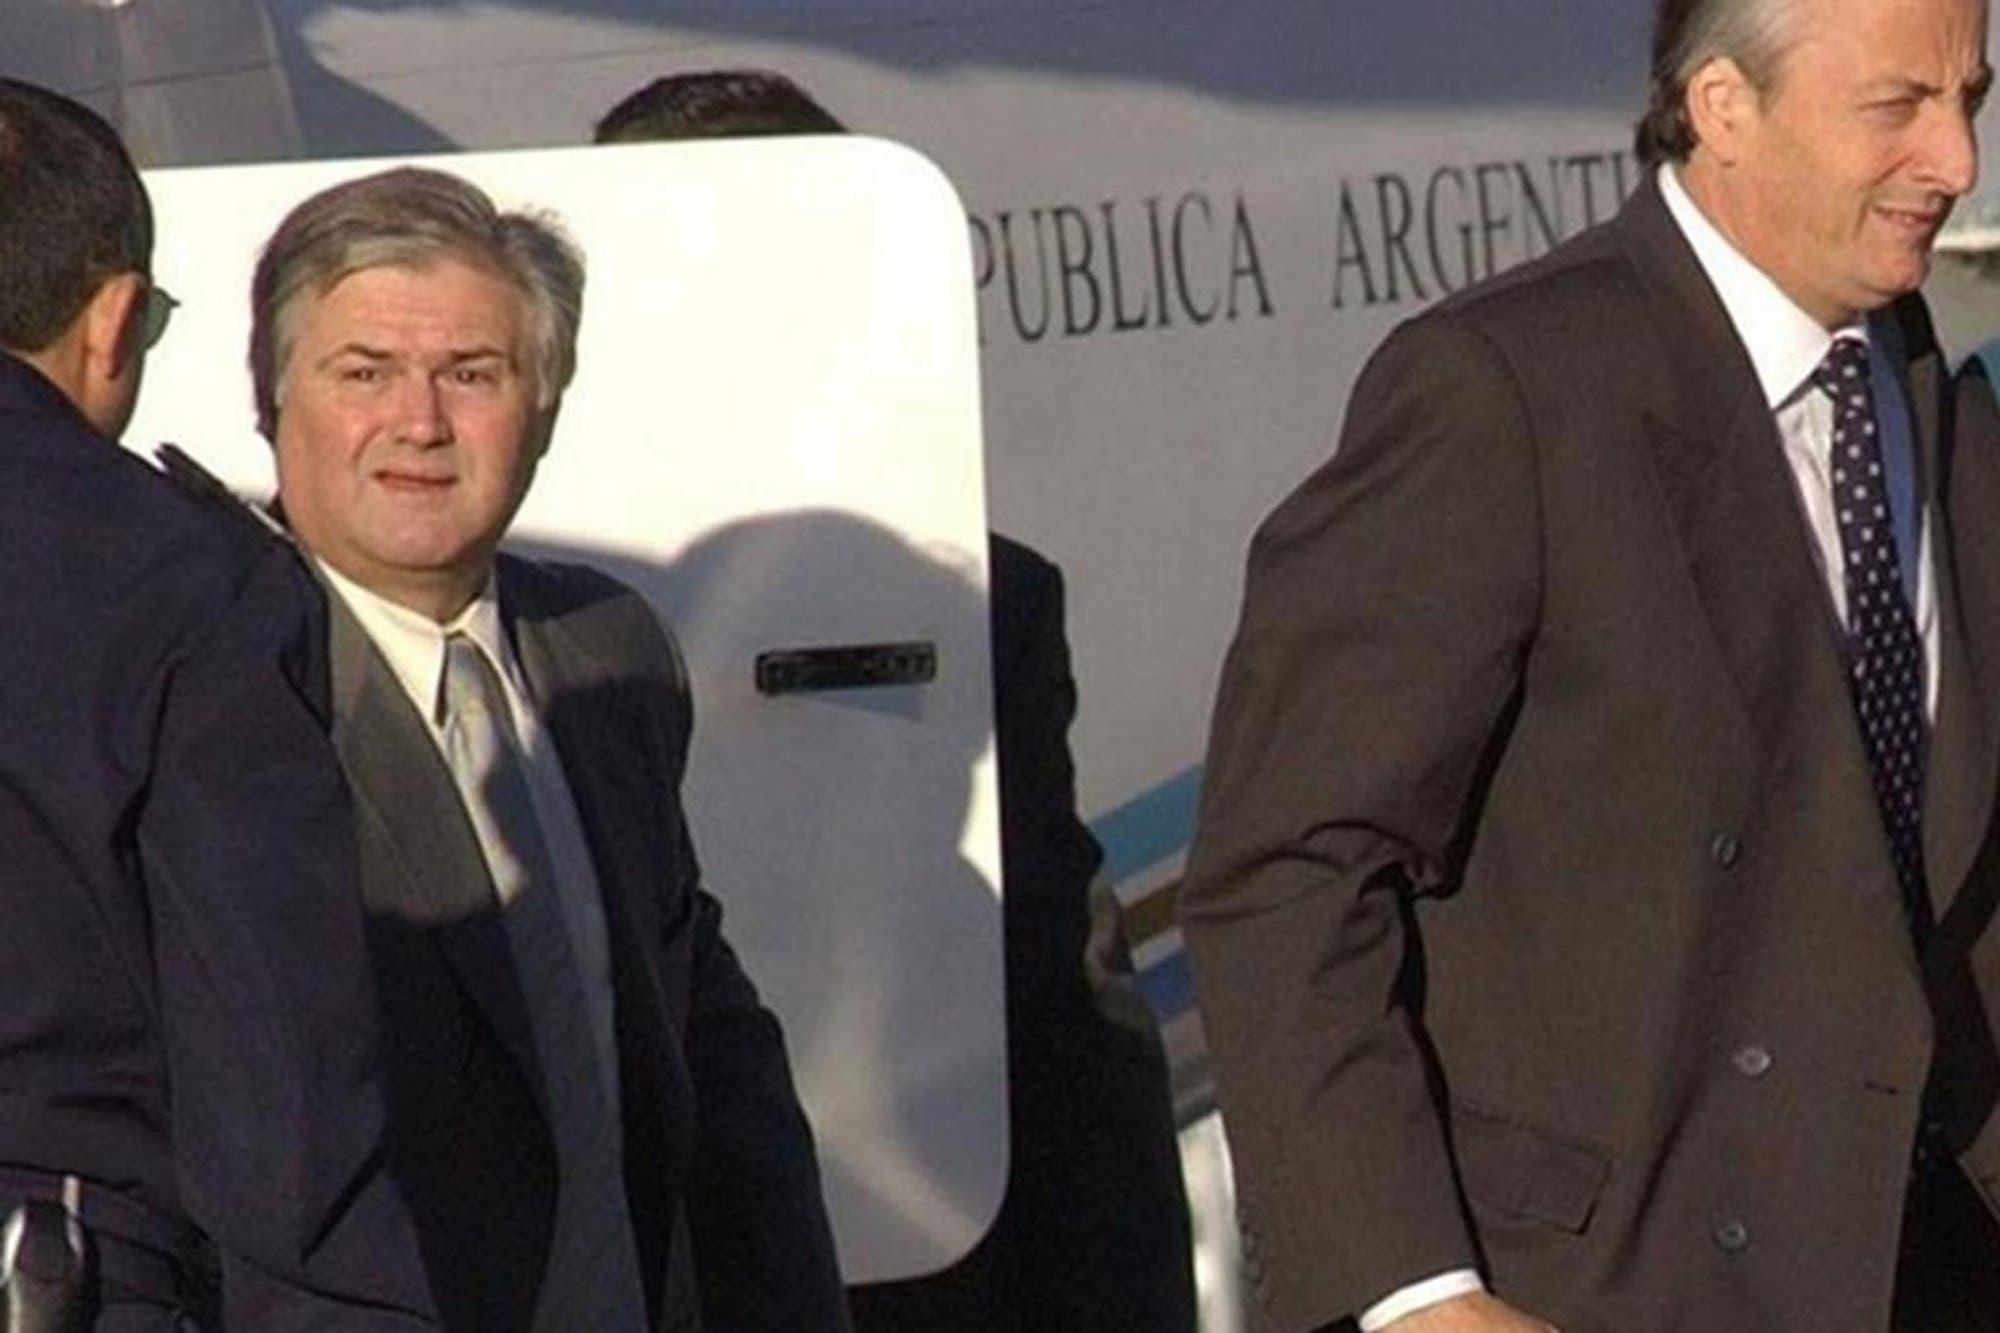 La Justicia ordenó el embargo de 26 propiedades compradas por Daniel Muñoz y sus testaferros, hasta cubrir $1600 millones